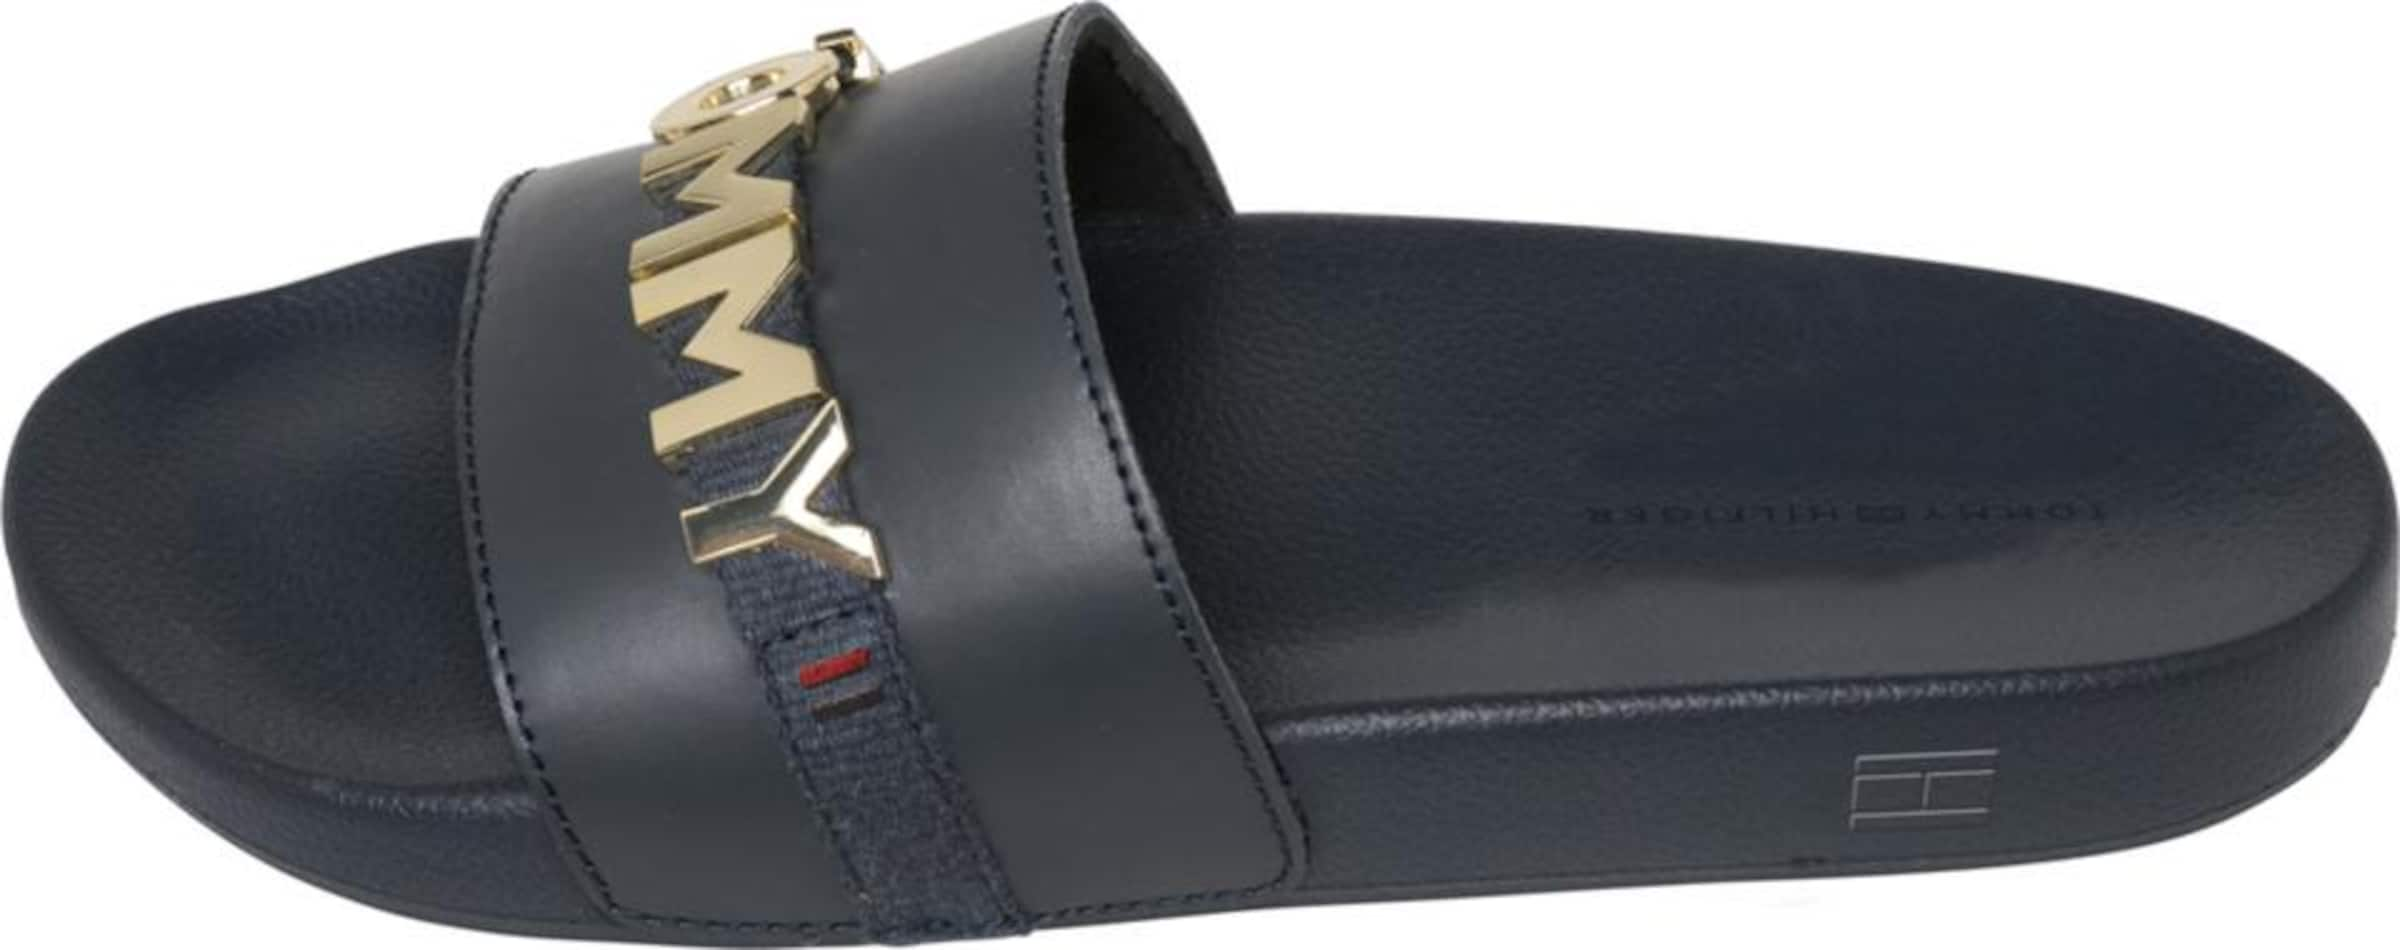 TOMMY HILFIGER Sandale Verschleißfeste Verschleißfeste Sandale billige Schuhe 64a6e0